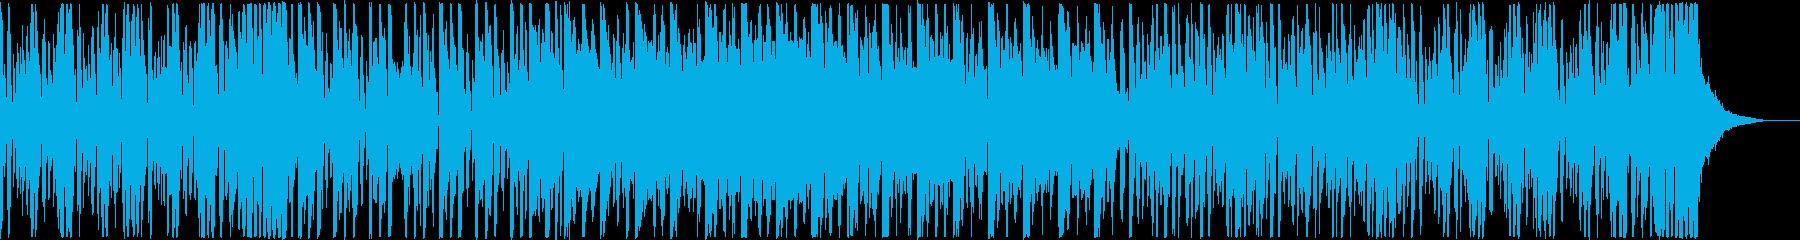 ノリノリの踊れるエレクトロスウィングの再生済みの波形